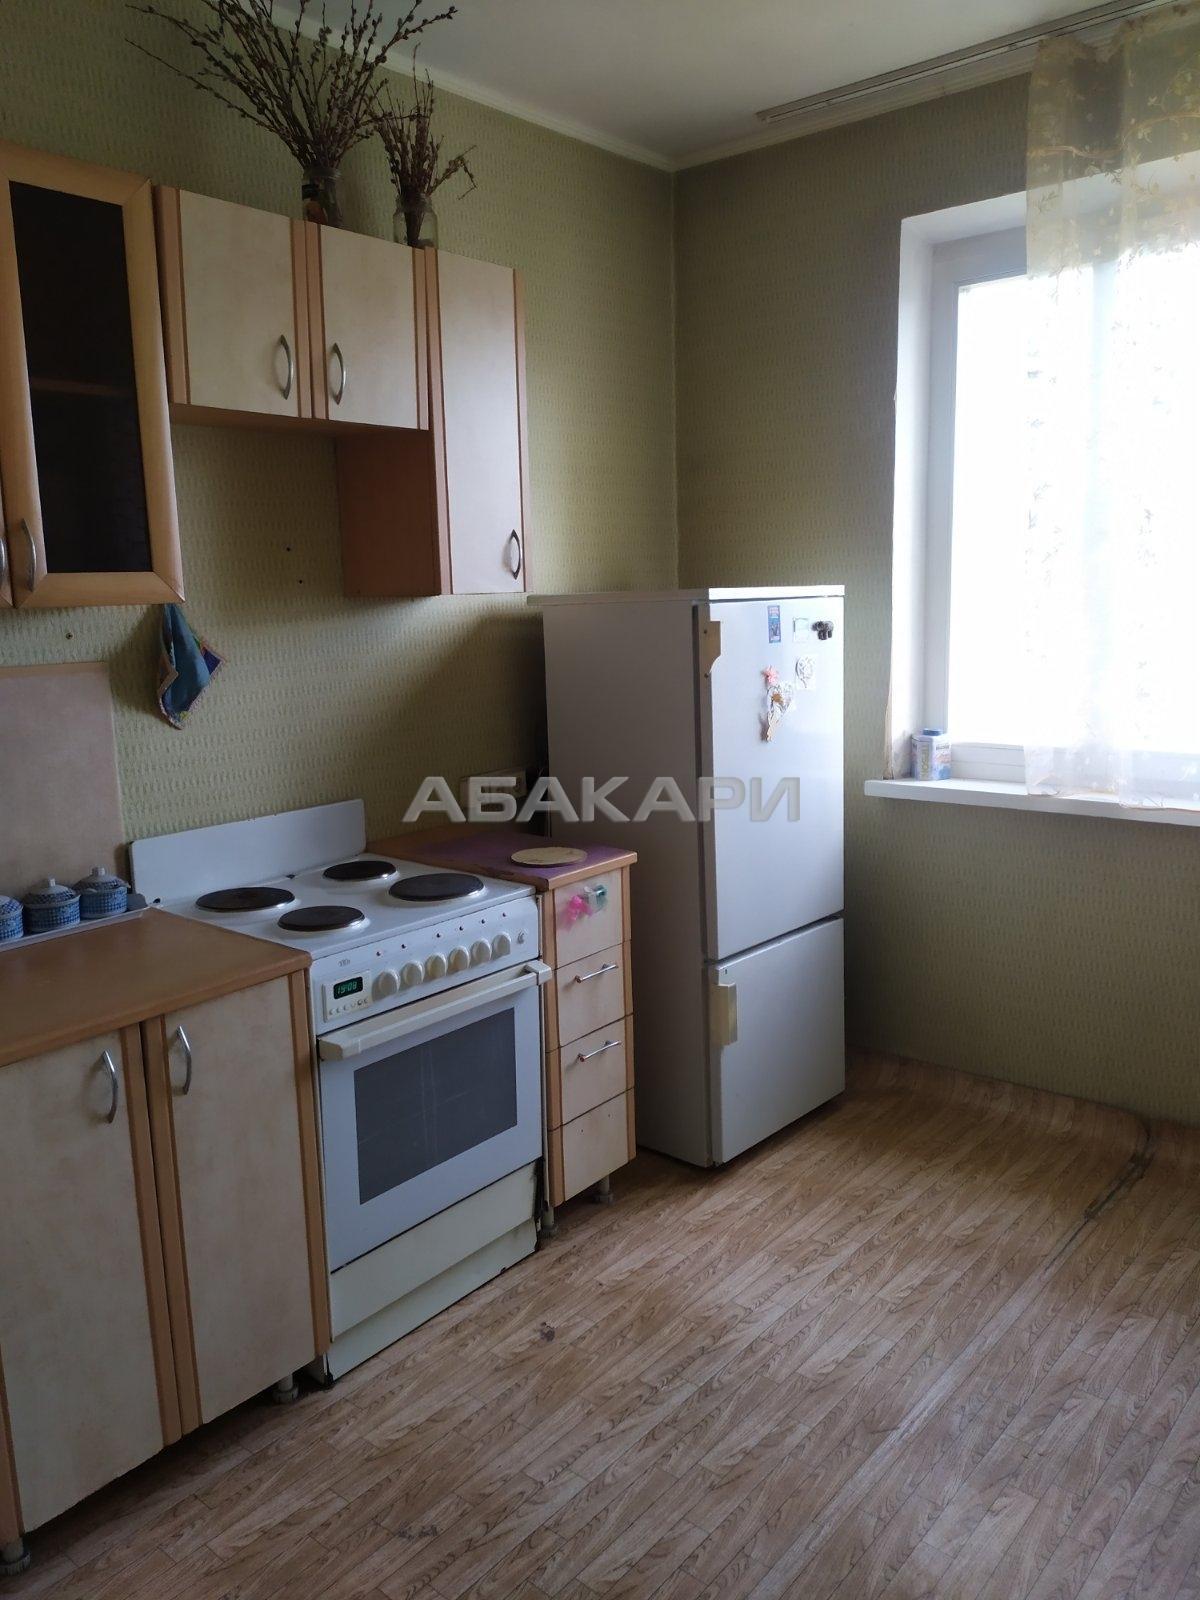 1к квартира улица Щорса, 85А | 12000 | аренда в Красноярске фото 1